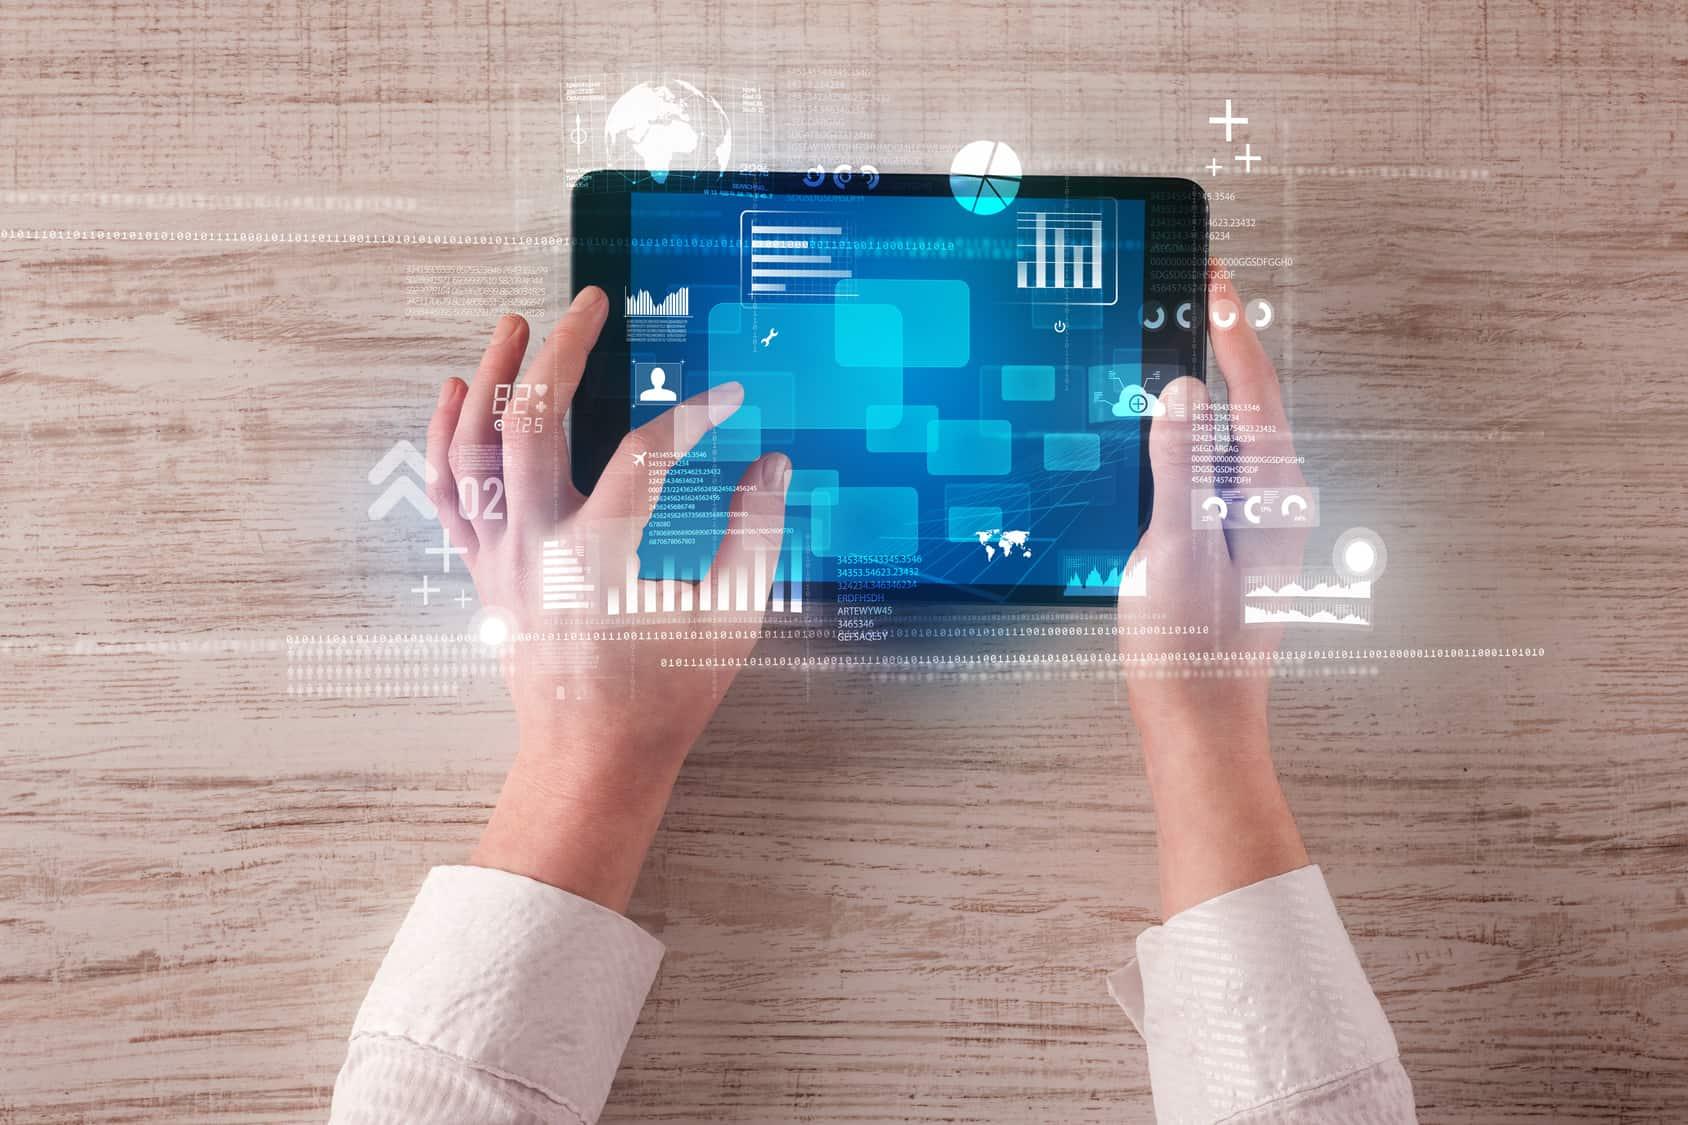 Según un estudio realizado por la constructora mexicana Deloitte, se debe promover esquemas de inversión pública y privada para innovaciones.